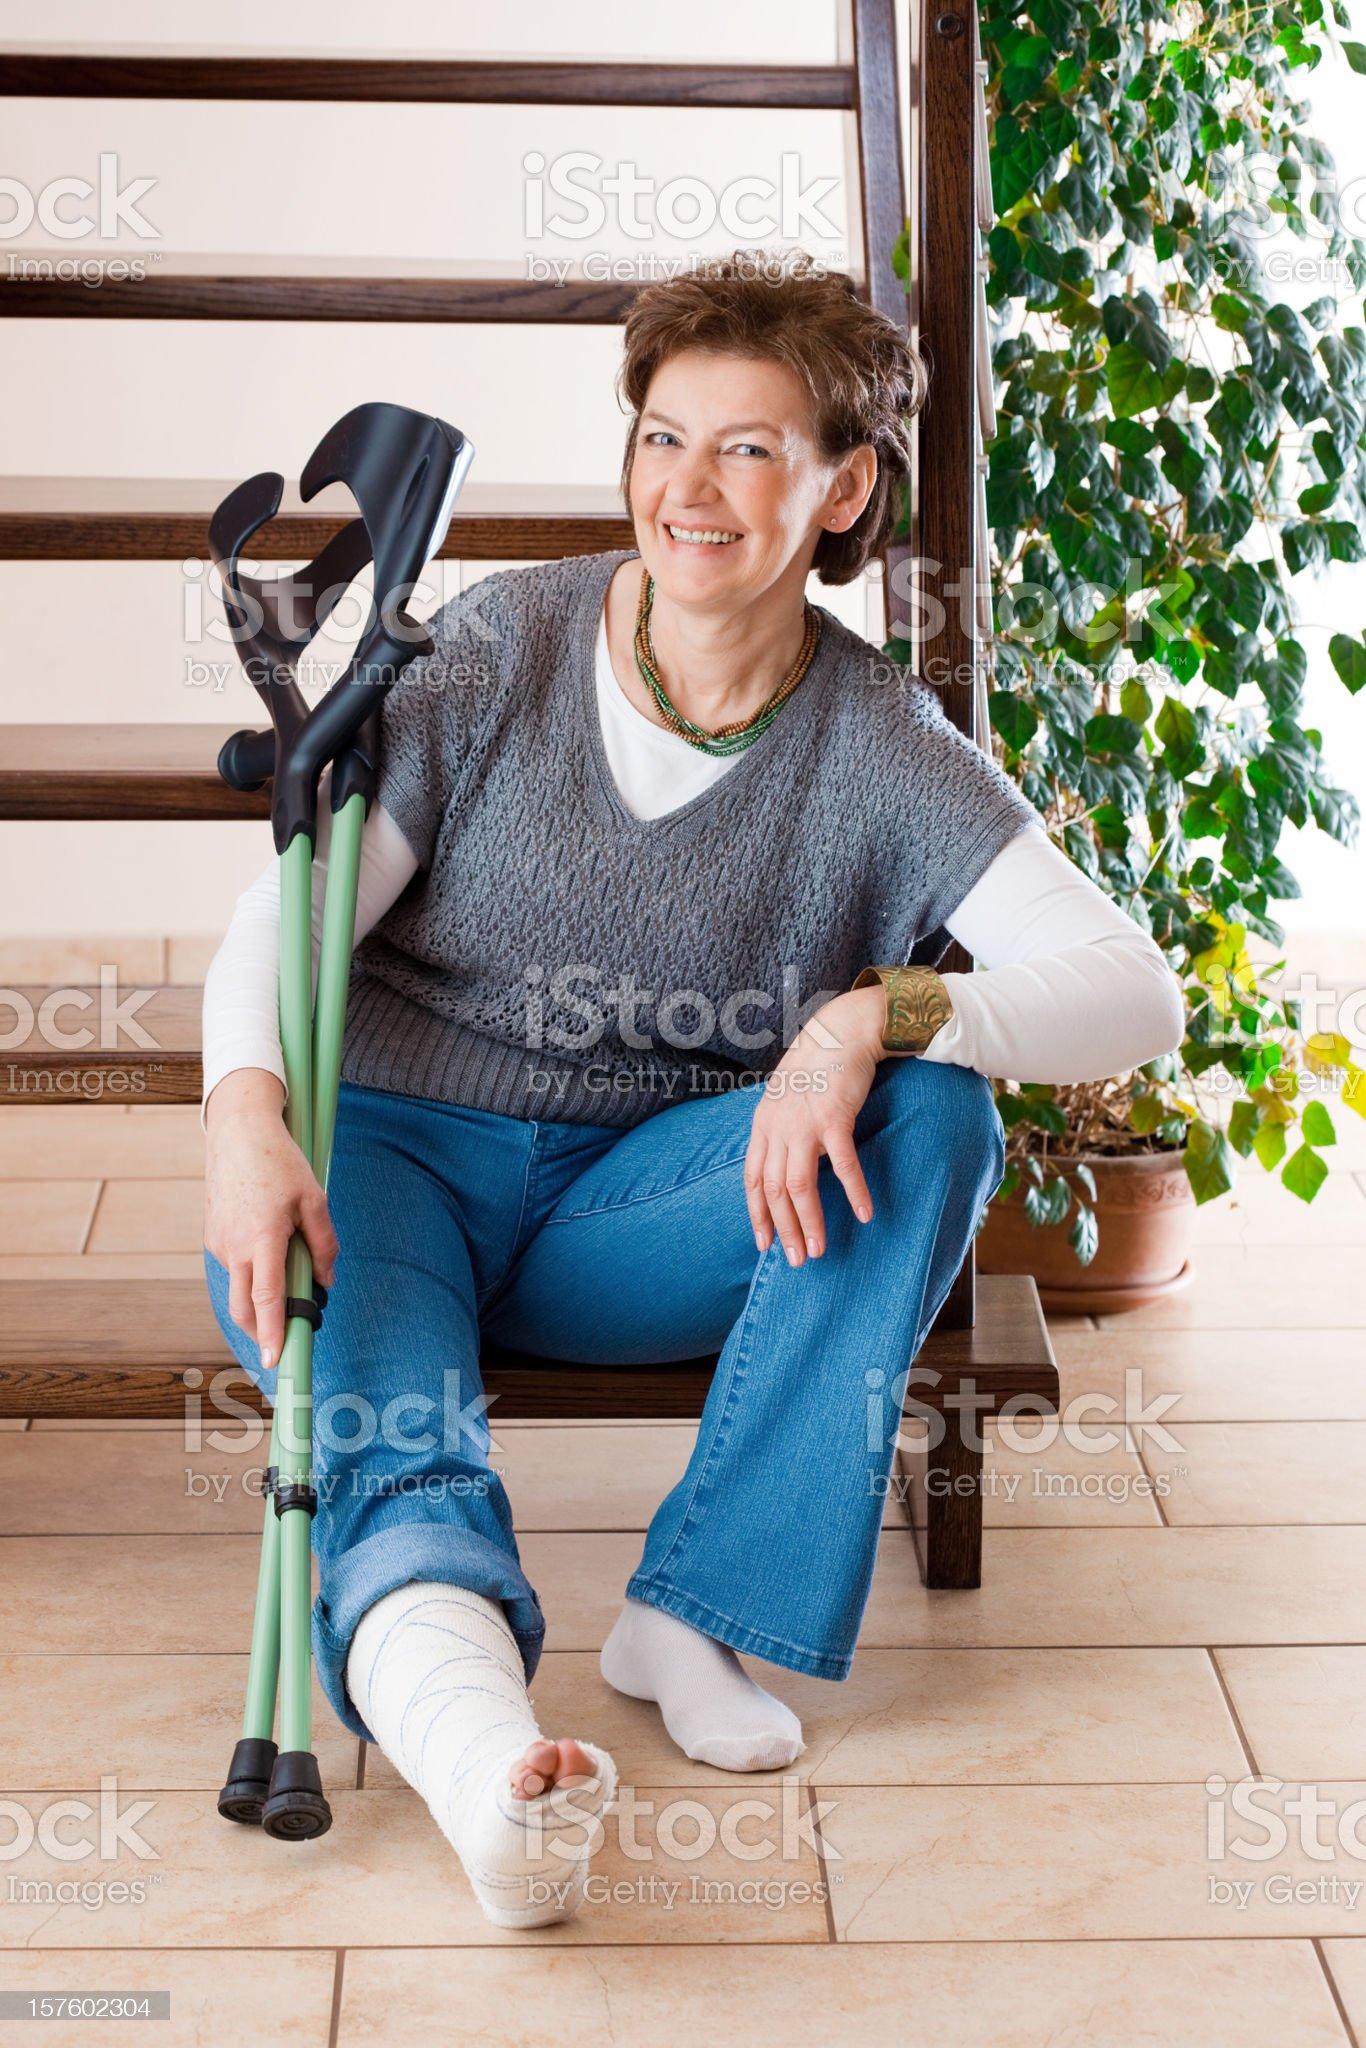 Donna felice con una gamba rotta e le stampelle foto stock royalty-free